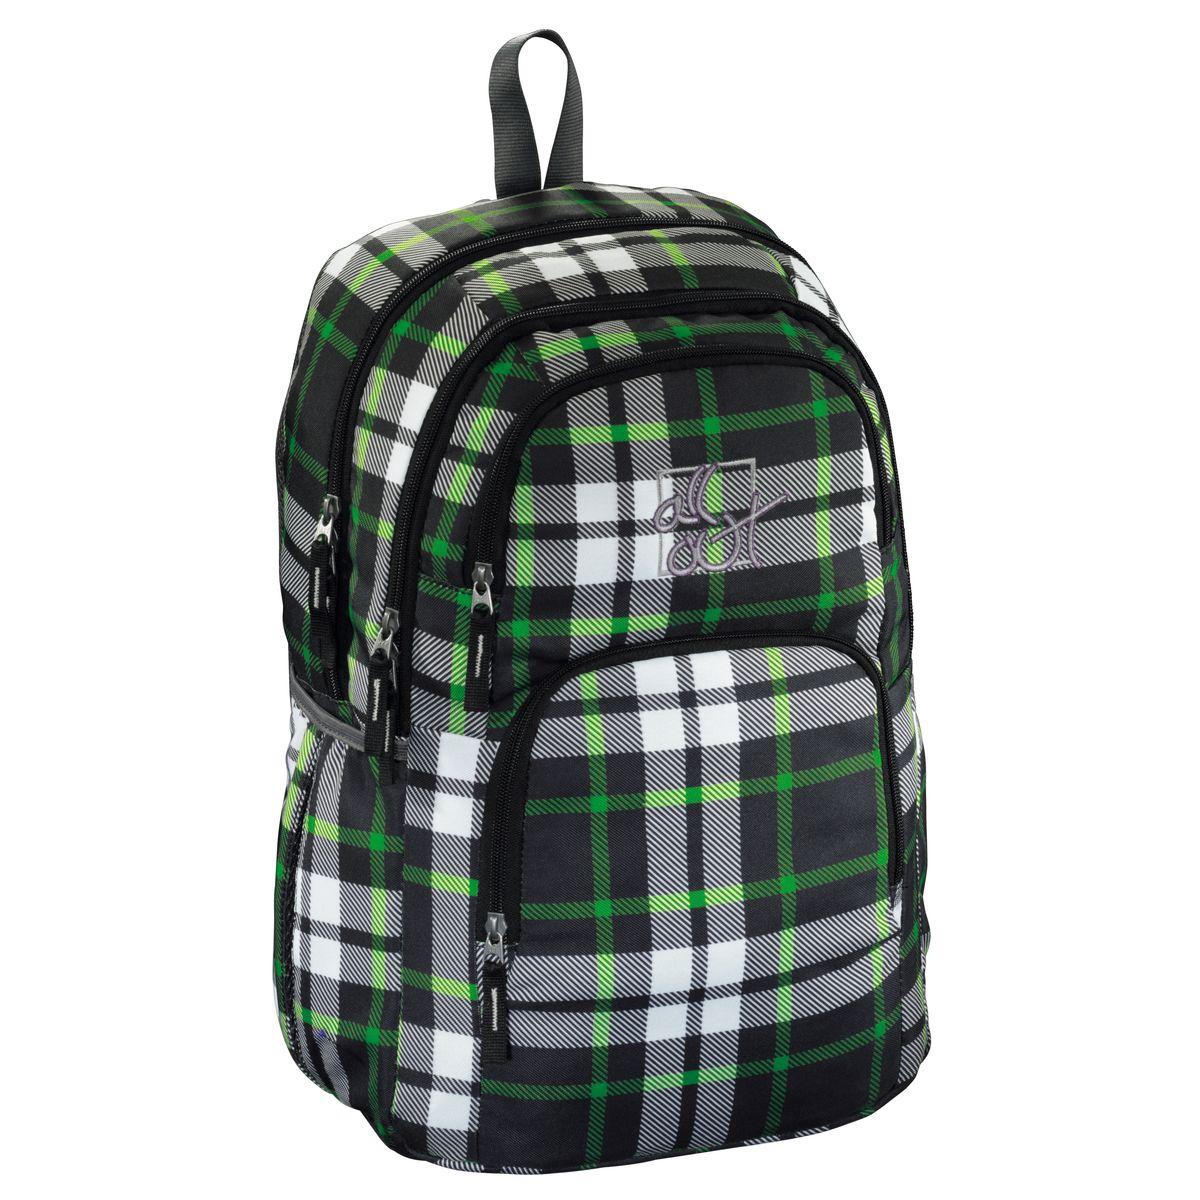 Hama Рюкзак All Out Kilkenny цвет серый зеленый129226Рюкзак All Out Kilkenny серый/зеленый